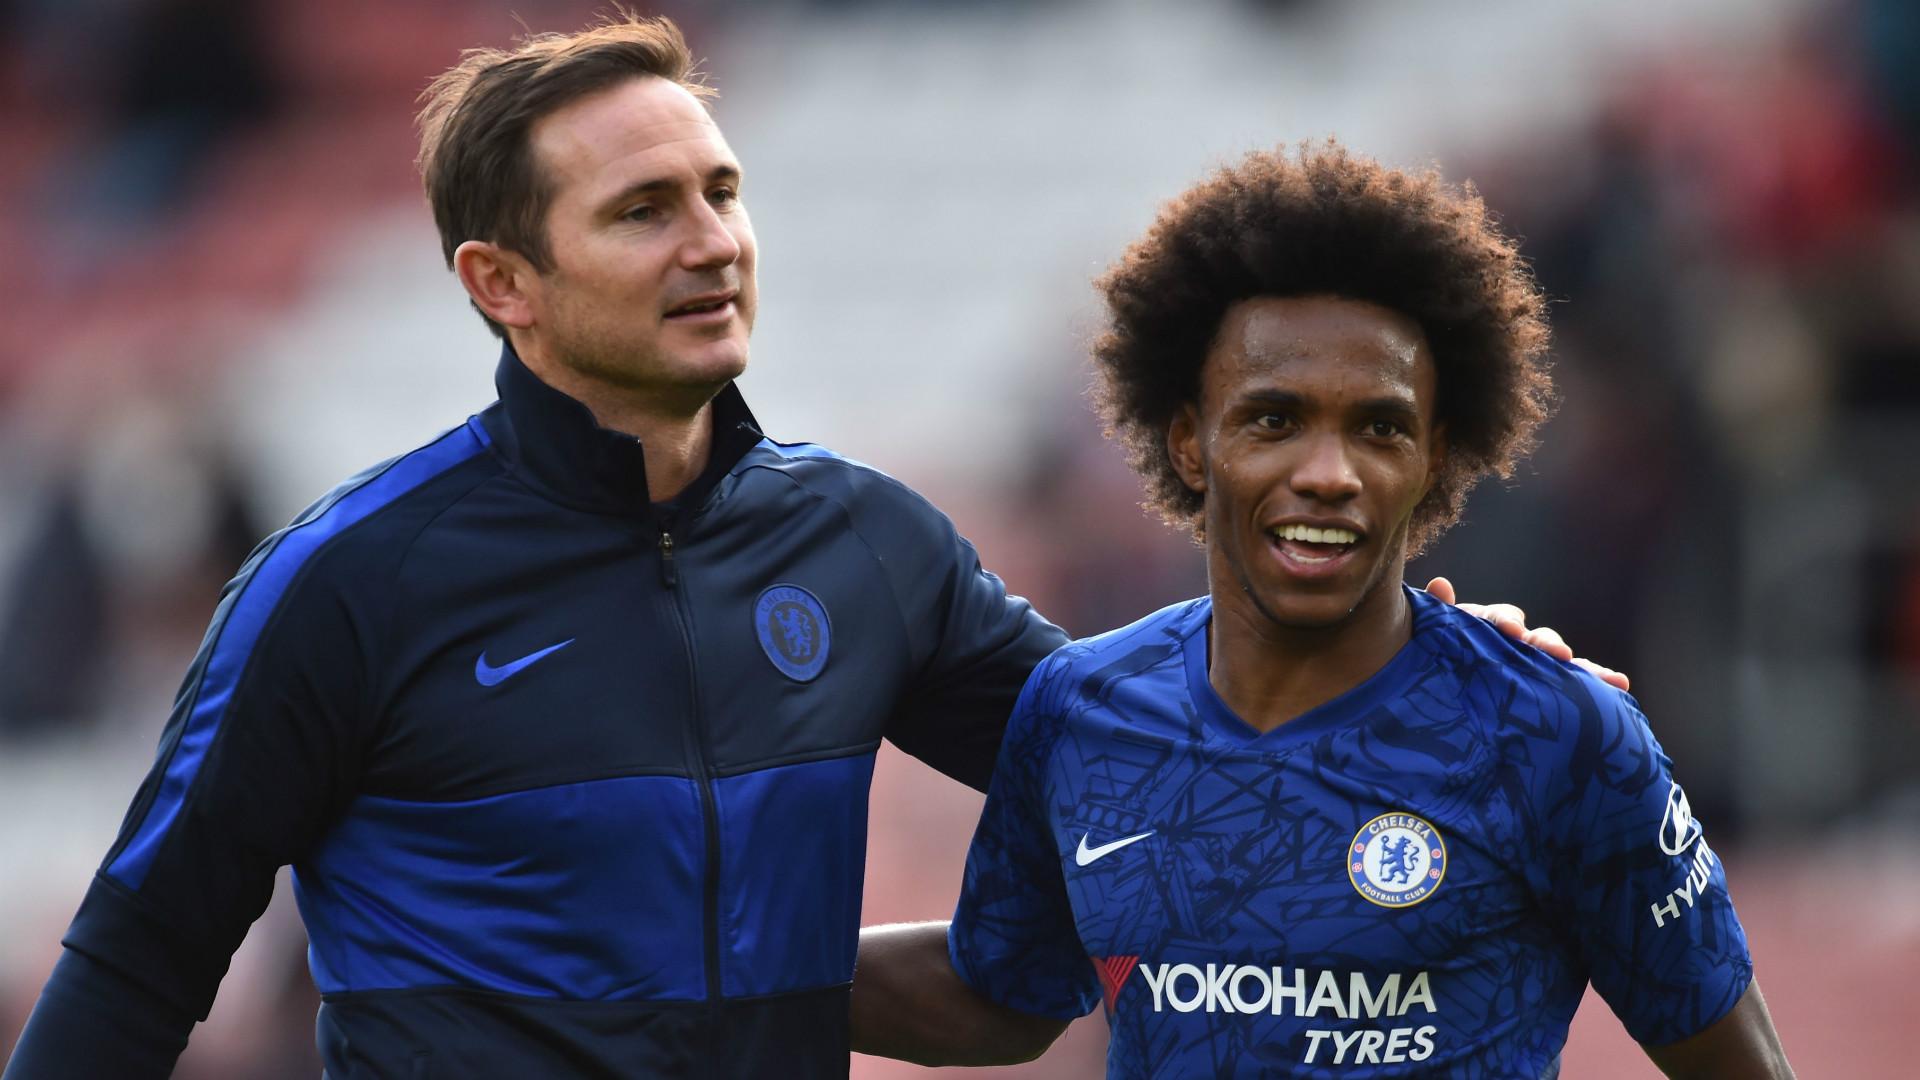 Frank Lampard Willian Chelsea 2019-20